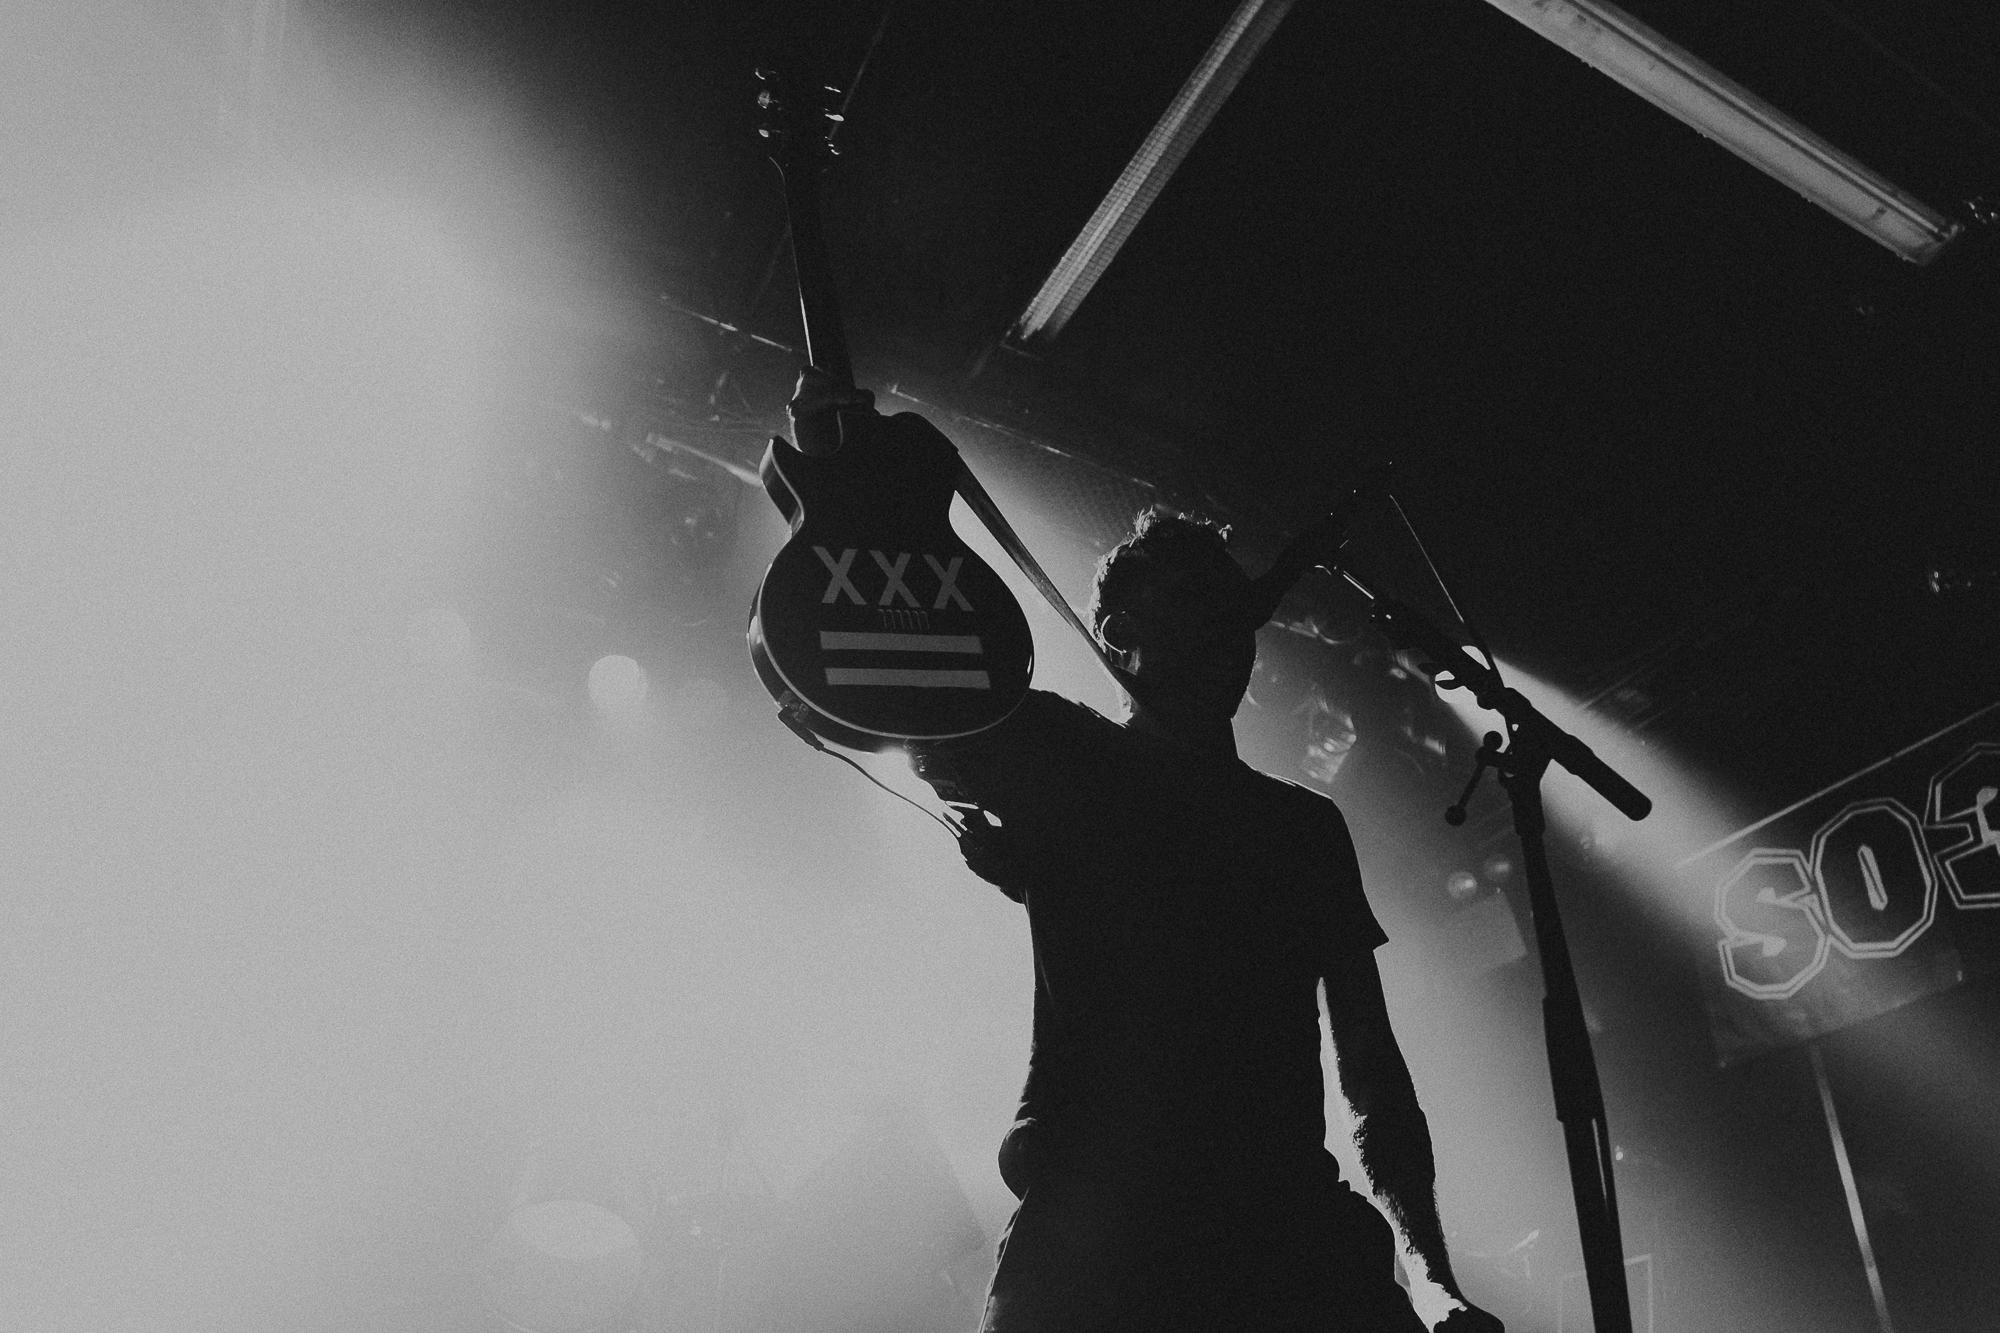 Rise-Against-Berlin-©chiaraceccaioni-26.jpg